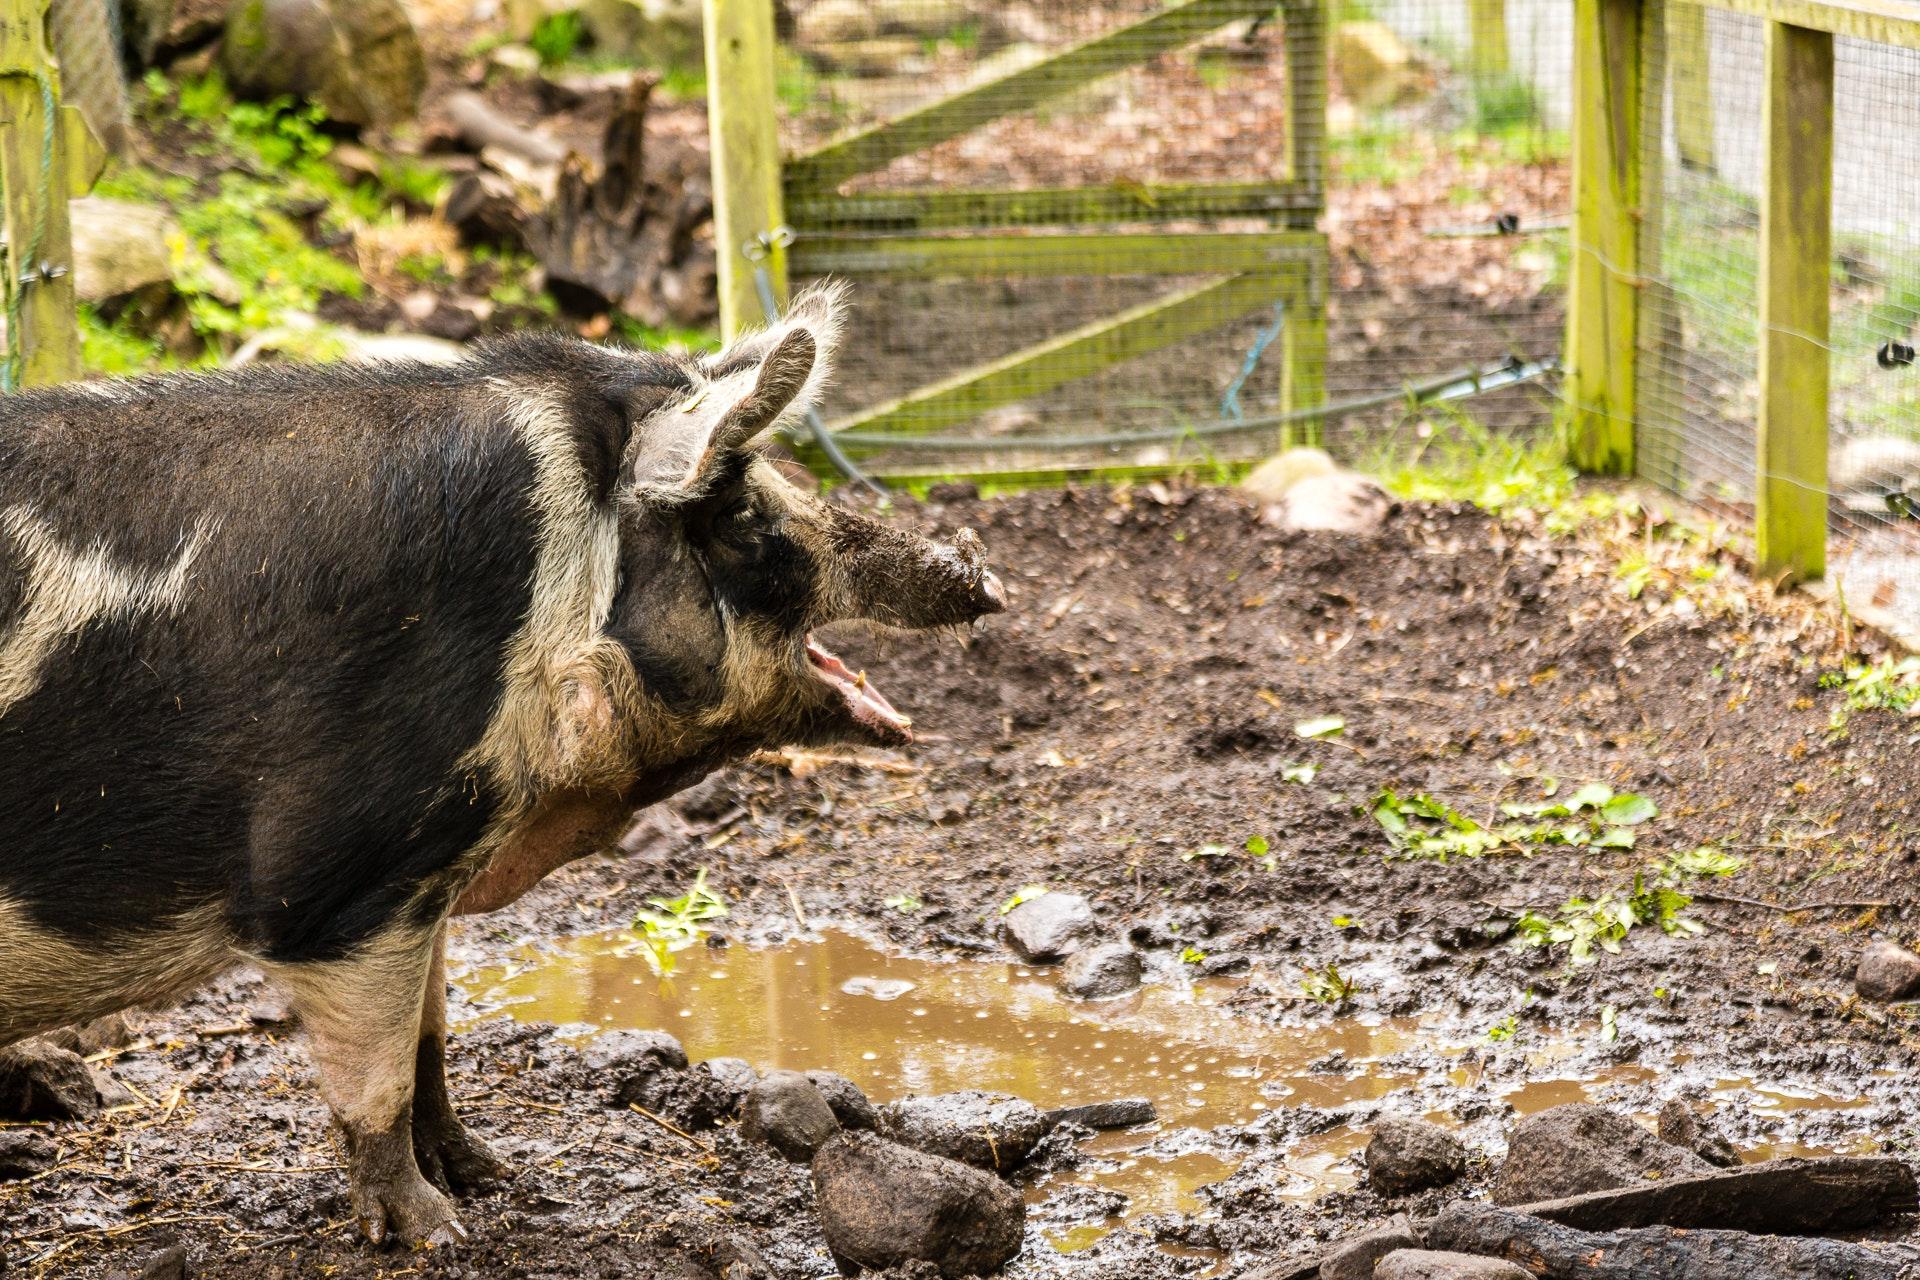 Pig of Wämöparken